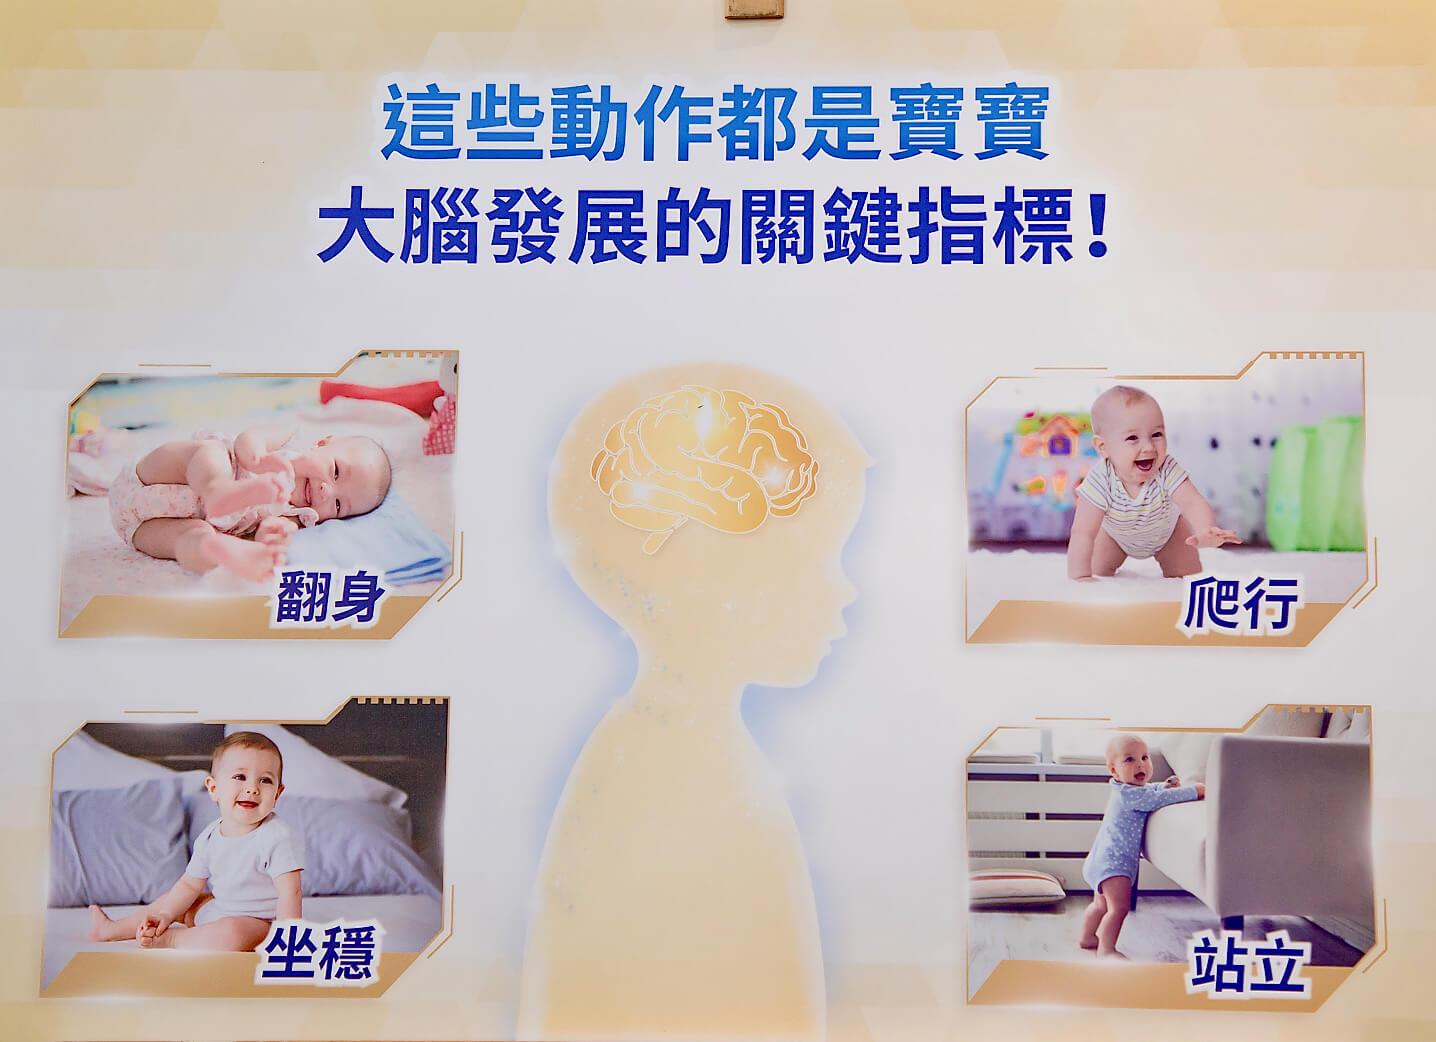 0~3 歲是大腦發展關鍵!小兒神經科醫師說明腦力發育三大原則:陪伴、刺激、營養